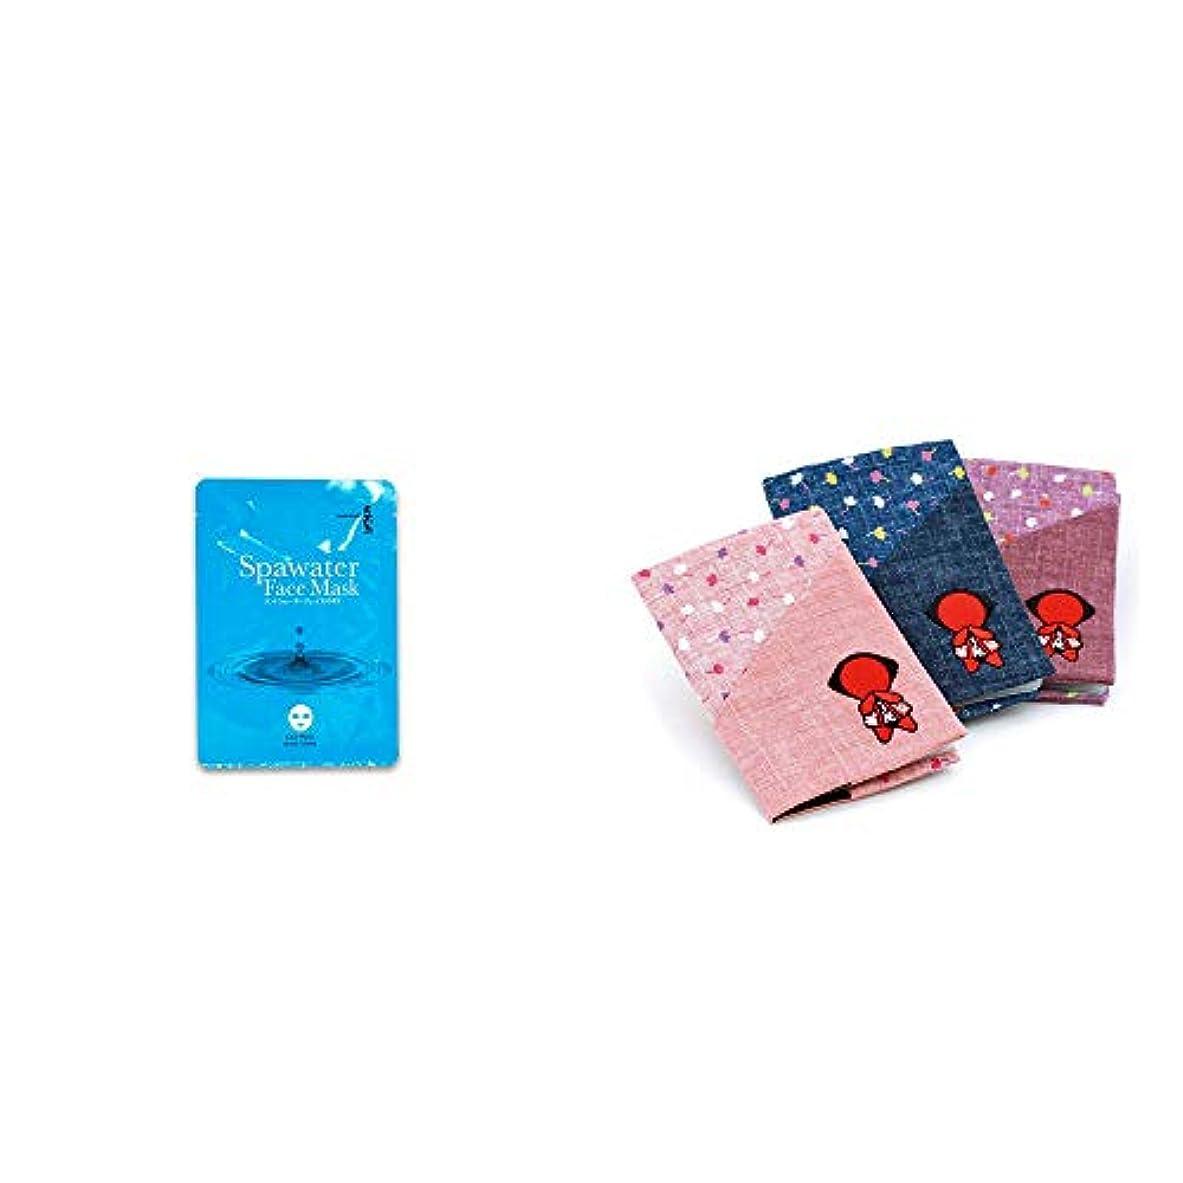 [2点セット] ひのき炭黒泉 スパウォーターフェイスマスク(18ml×3枚入)?おねがいさるぼぼ カードケース【ピンク】